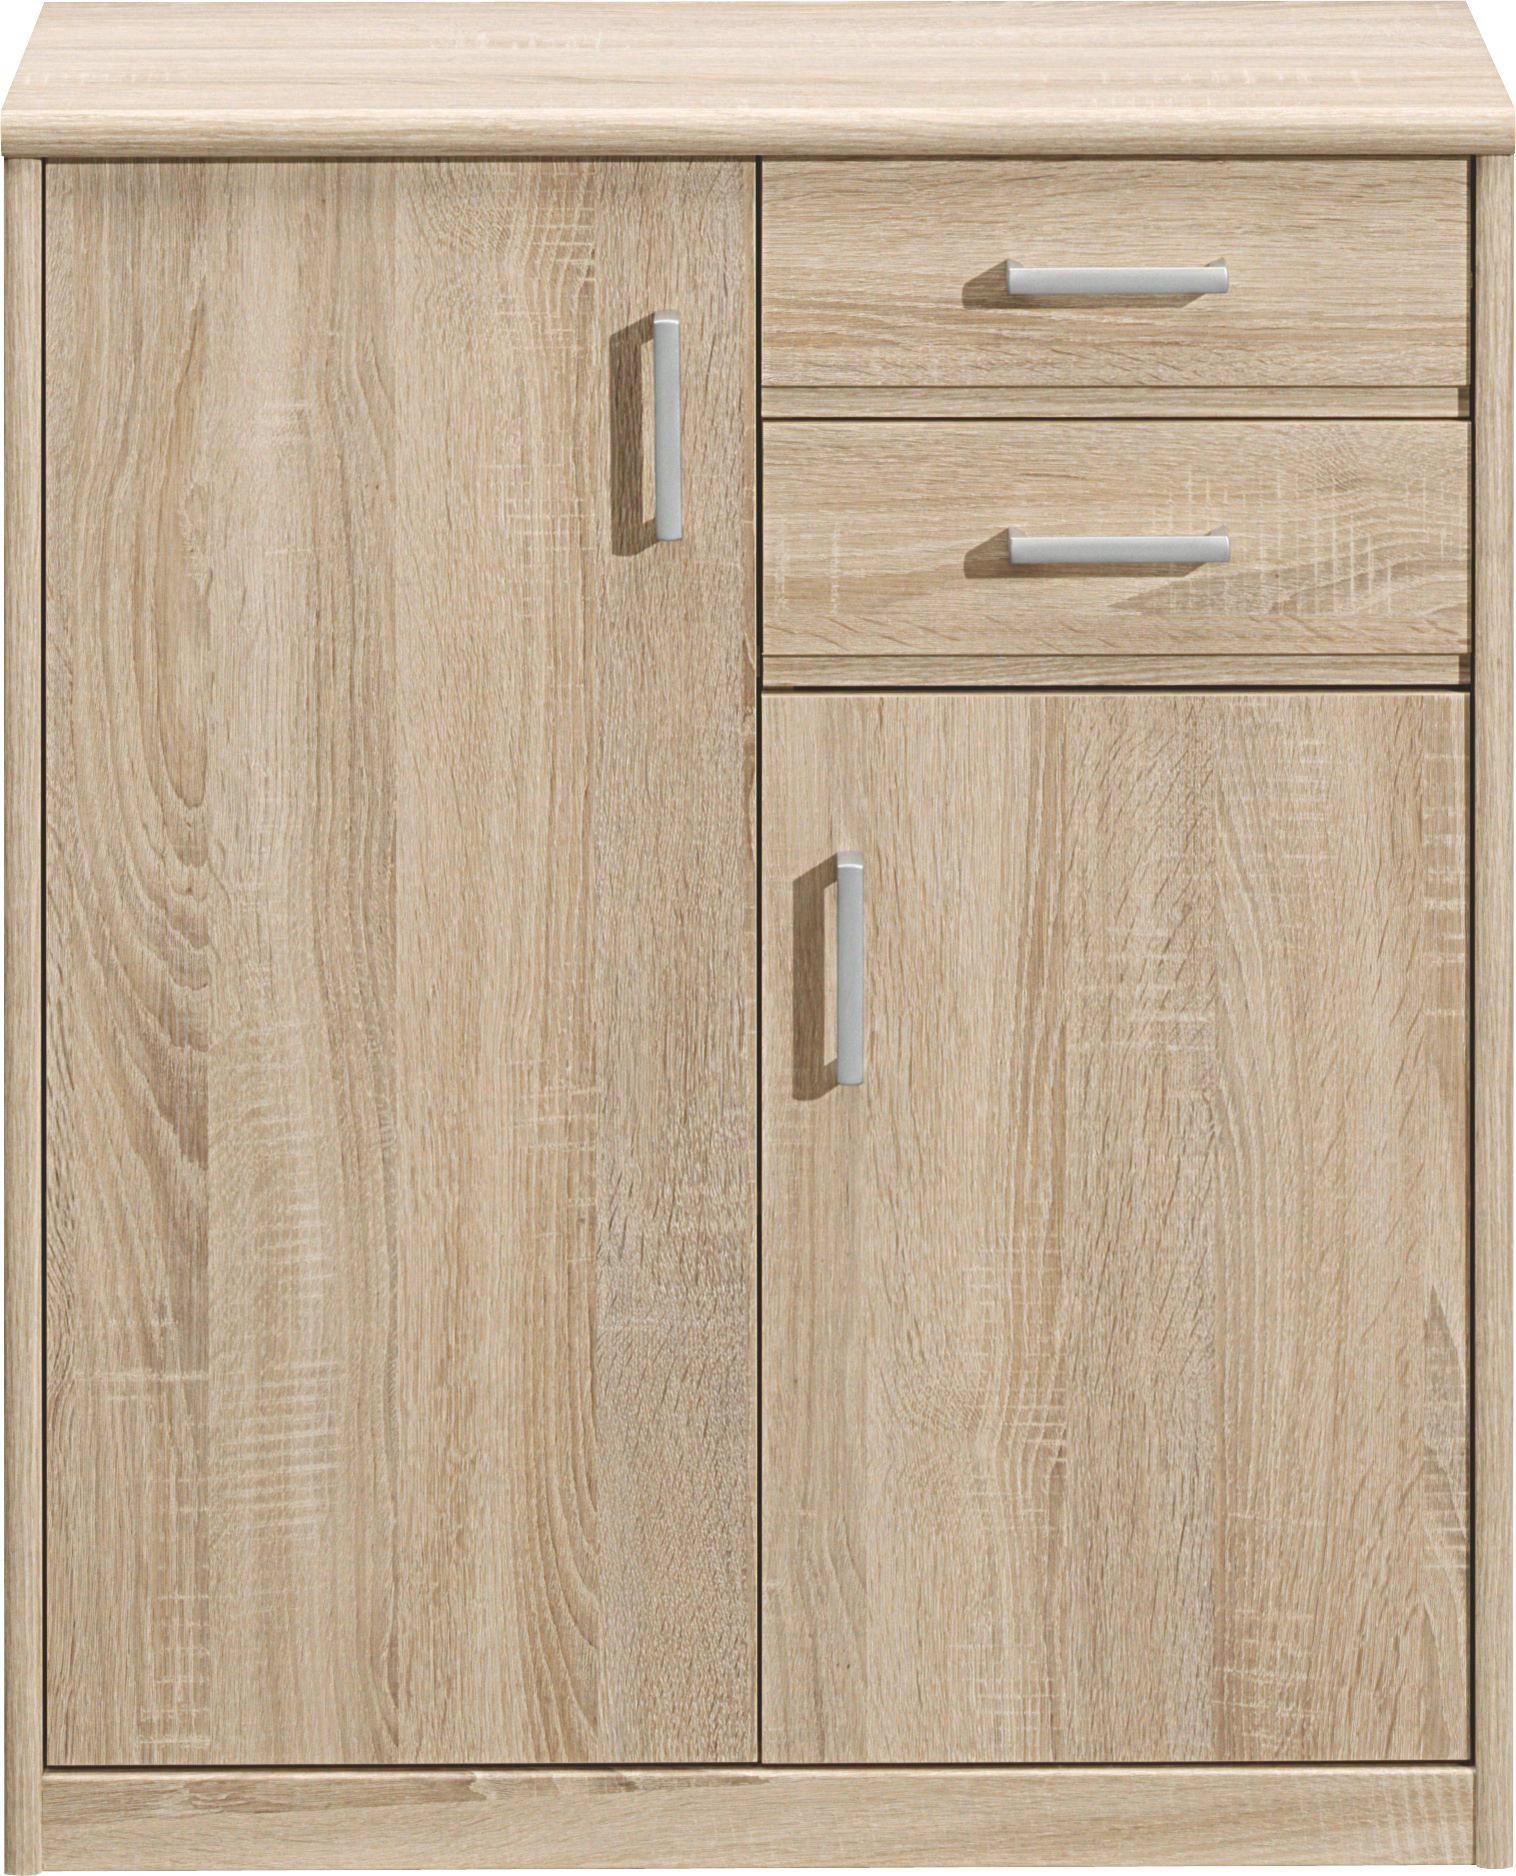 KOMMODE Eichefarben - Eichefarben/Silberfarben, Design, Holz/Holzwerkstoff (72/84/36cm) - CS SCHMAL